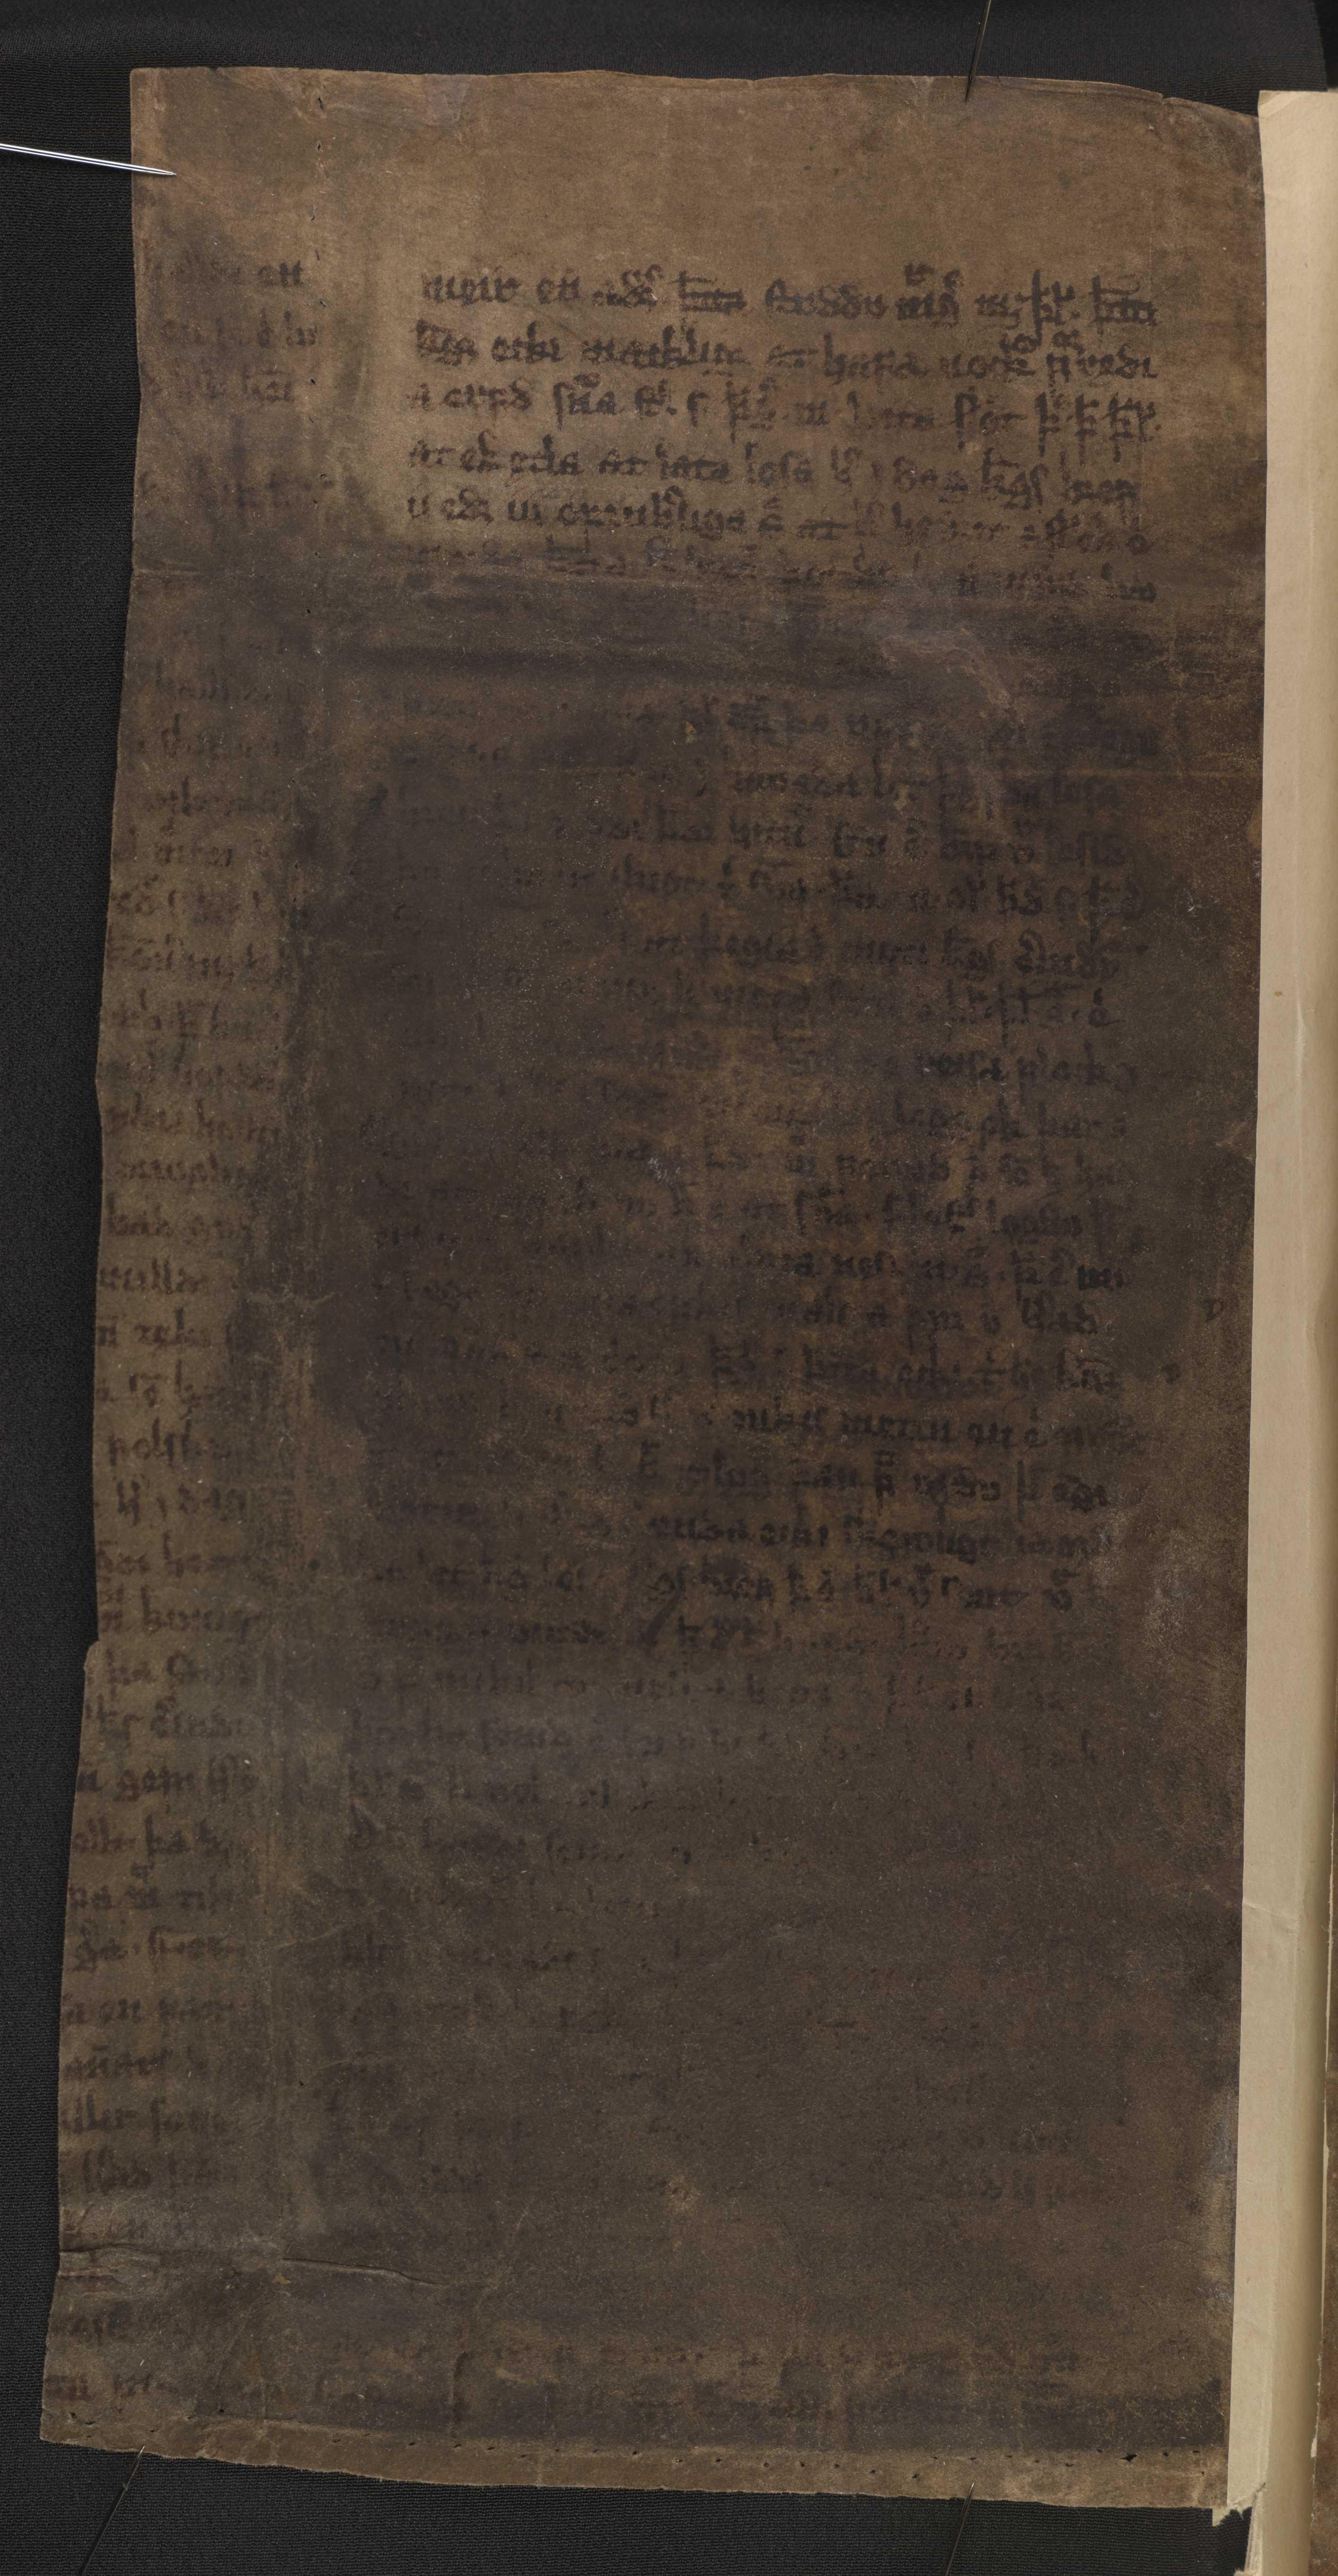 AM 122 b fol - 16v